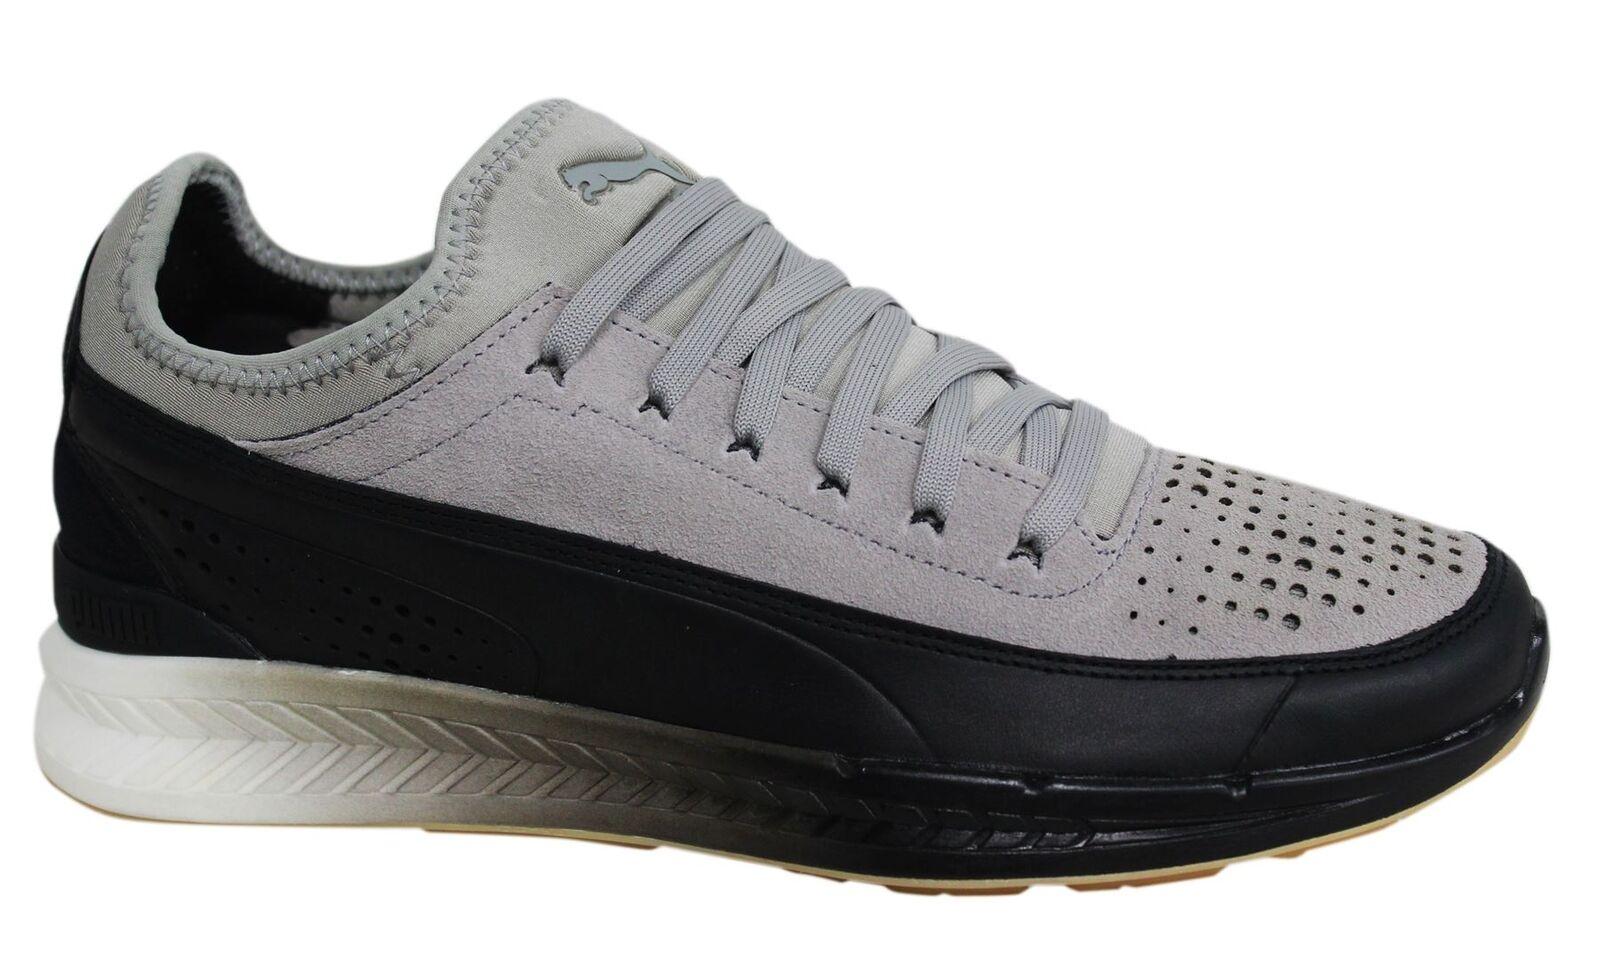 Puma Ignite Sock da Select con lacci grigio nere da Sock Uomo Scarpe Ginnastica 360100 Scarpe classiche da uomo 5cc2a7